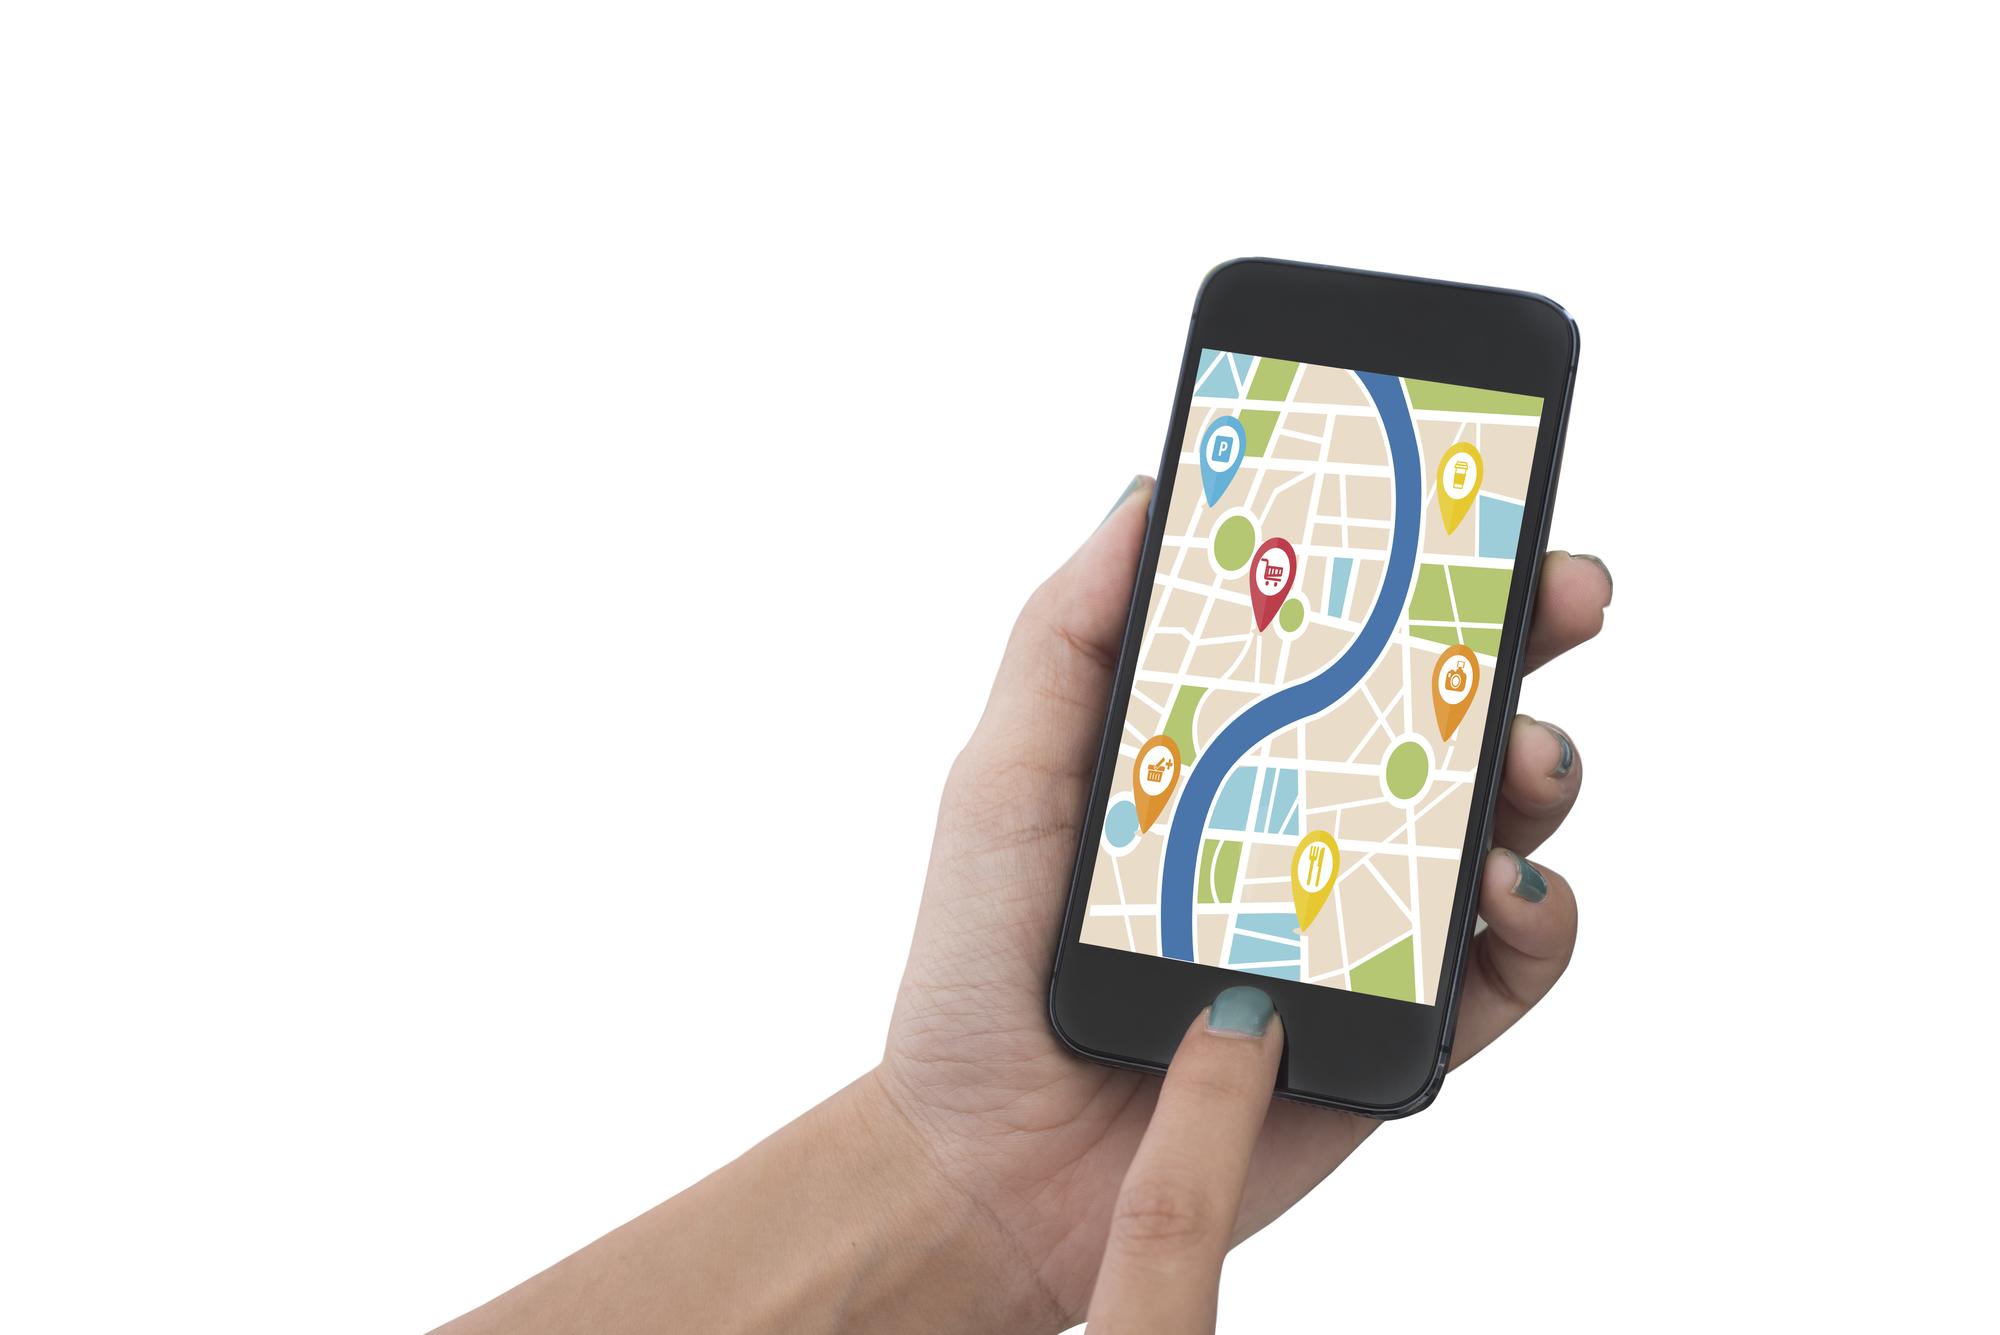 子供の迷子防止には「アプリ連動型」の子供用GPSが効果的!?